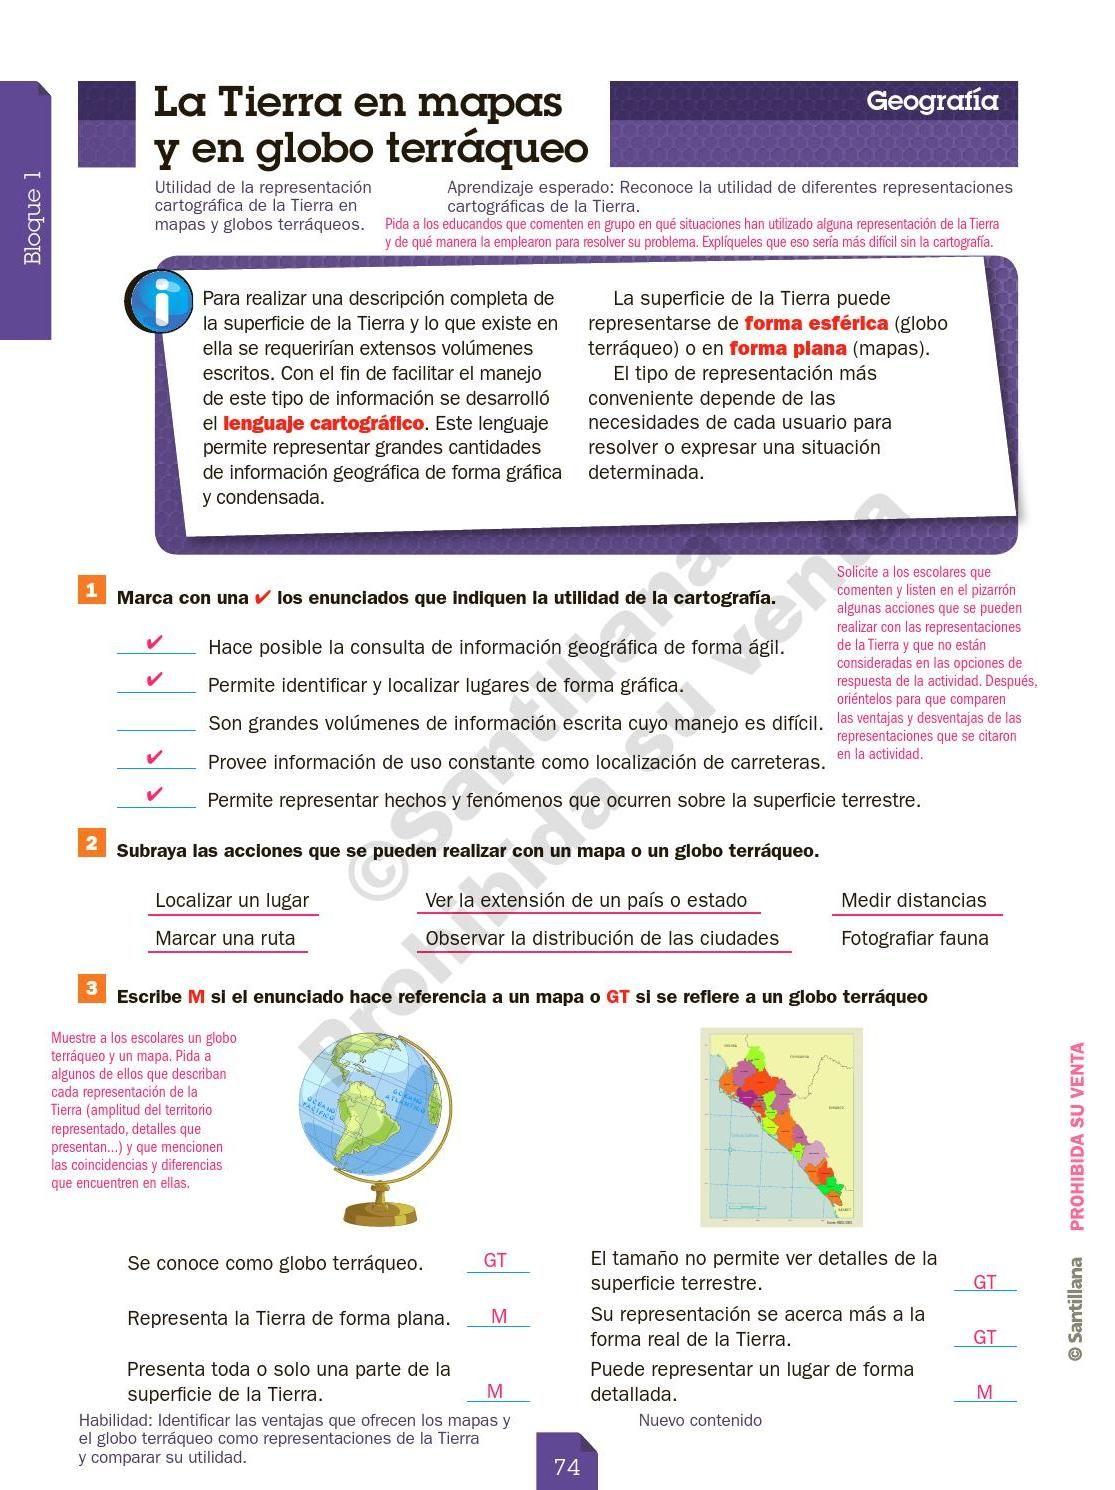 Guia Santillana 6 Grado Masetro By Guia Santillana